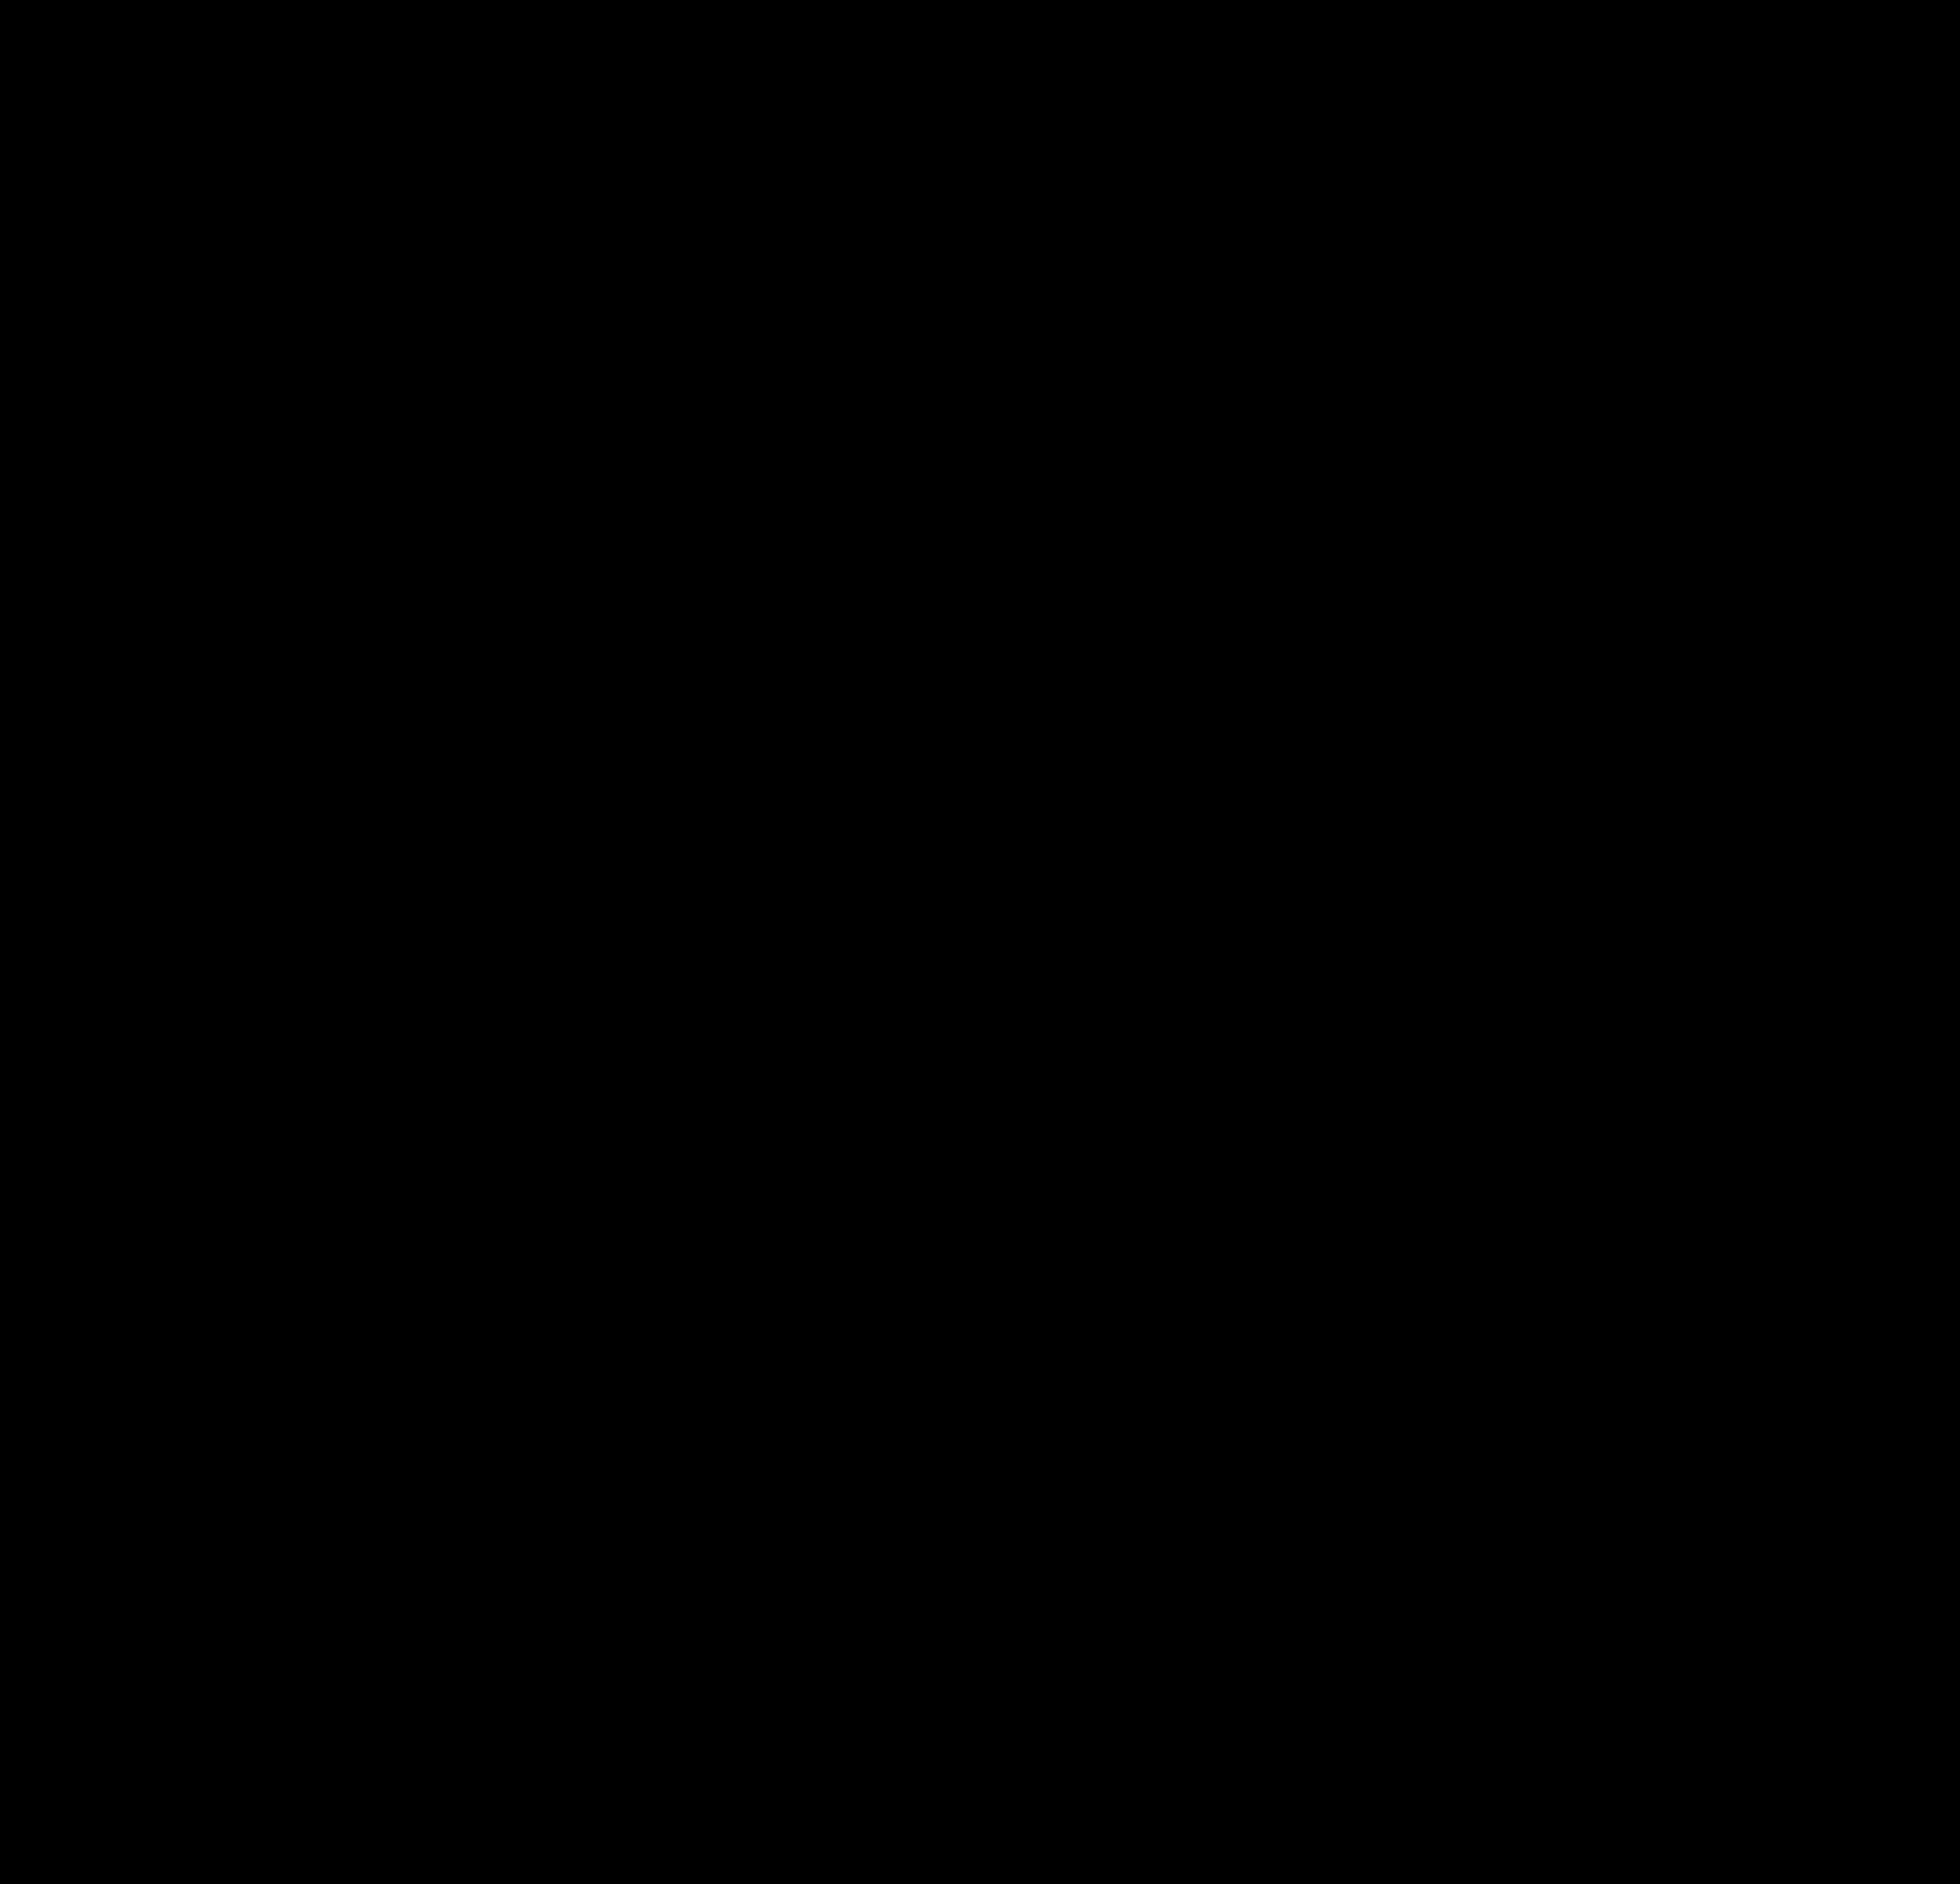 Arrigoni architetti prospetti e sezioni aa complesso for Architecture elevation